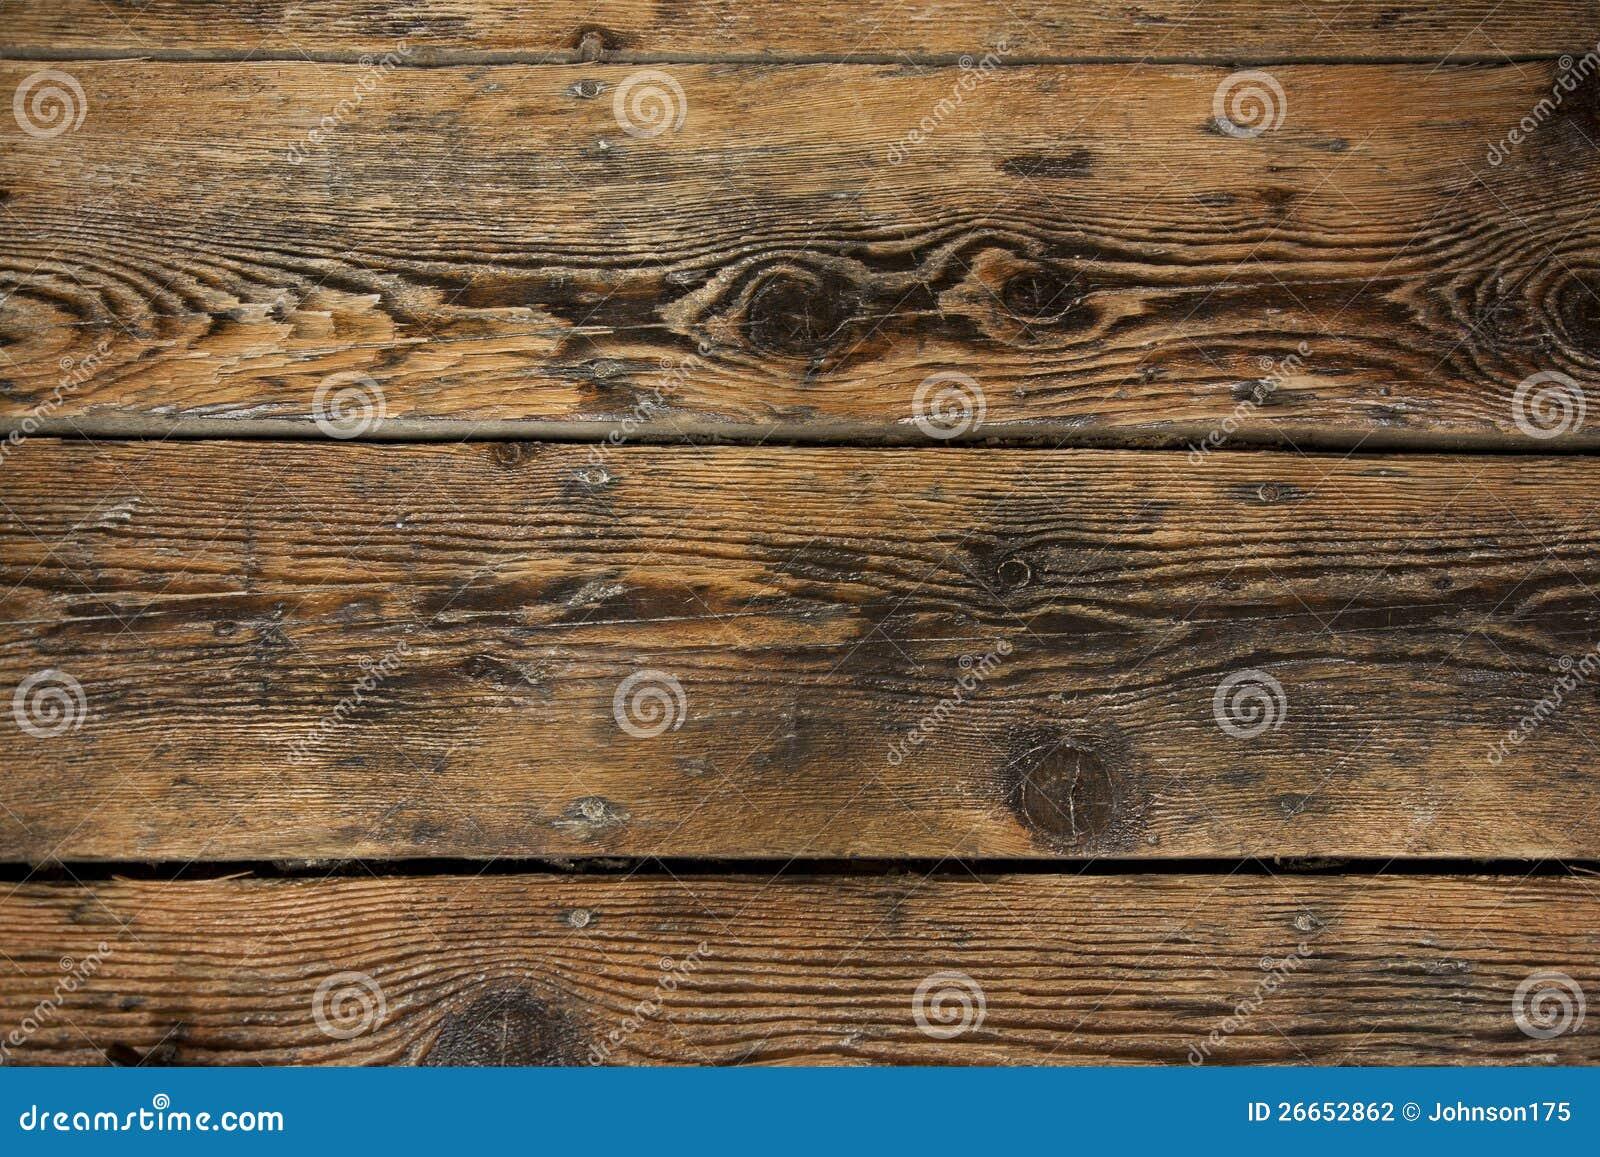 Vecchie tavole di pavimento fotografia stock immagine for Vecchie tavole legno